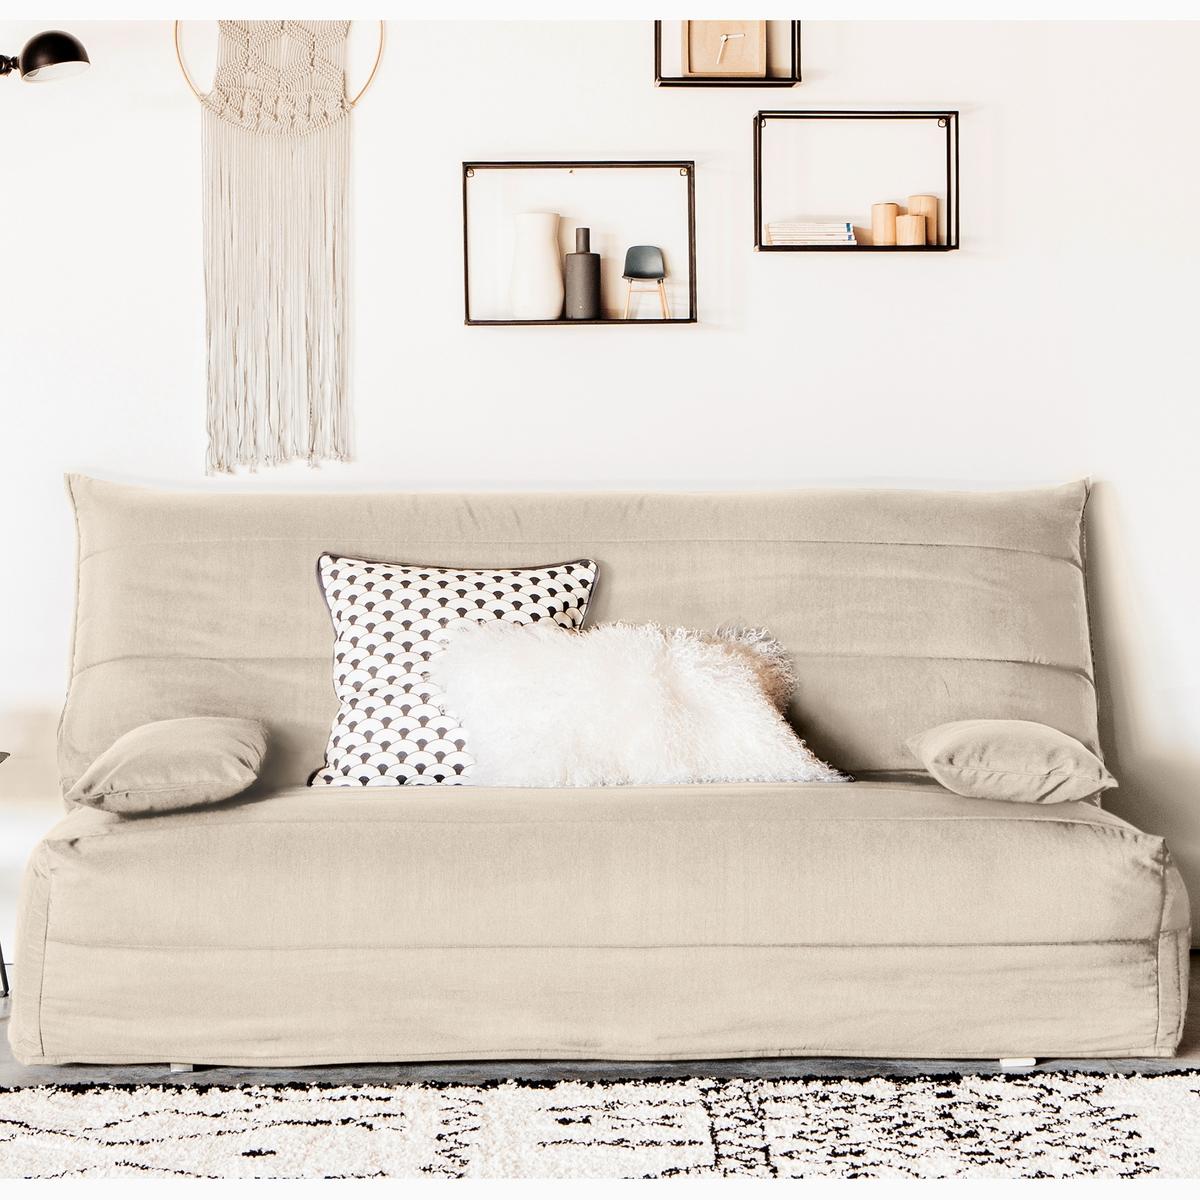 цена Чехол La Redoute Стеганый из поликоттона для дивана-аккордеона 160 см бежевый онлайн в 2017 году